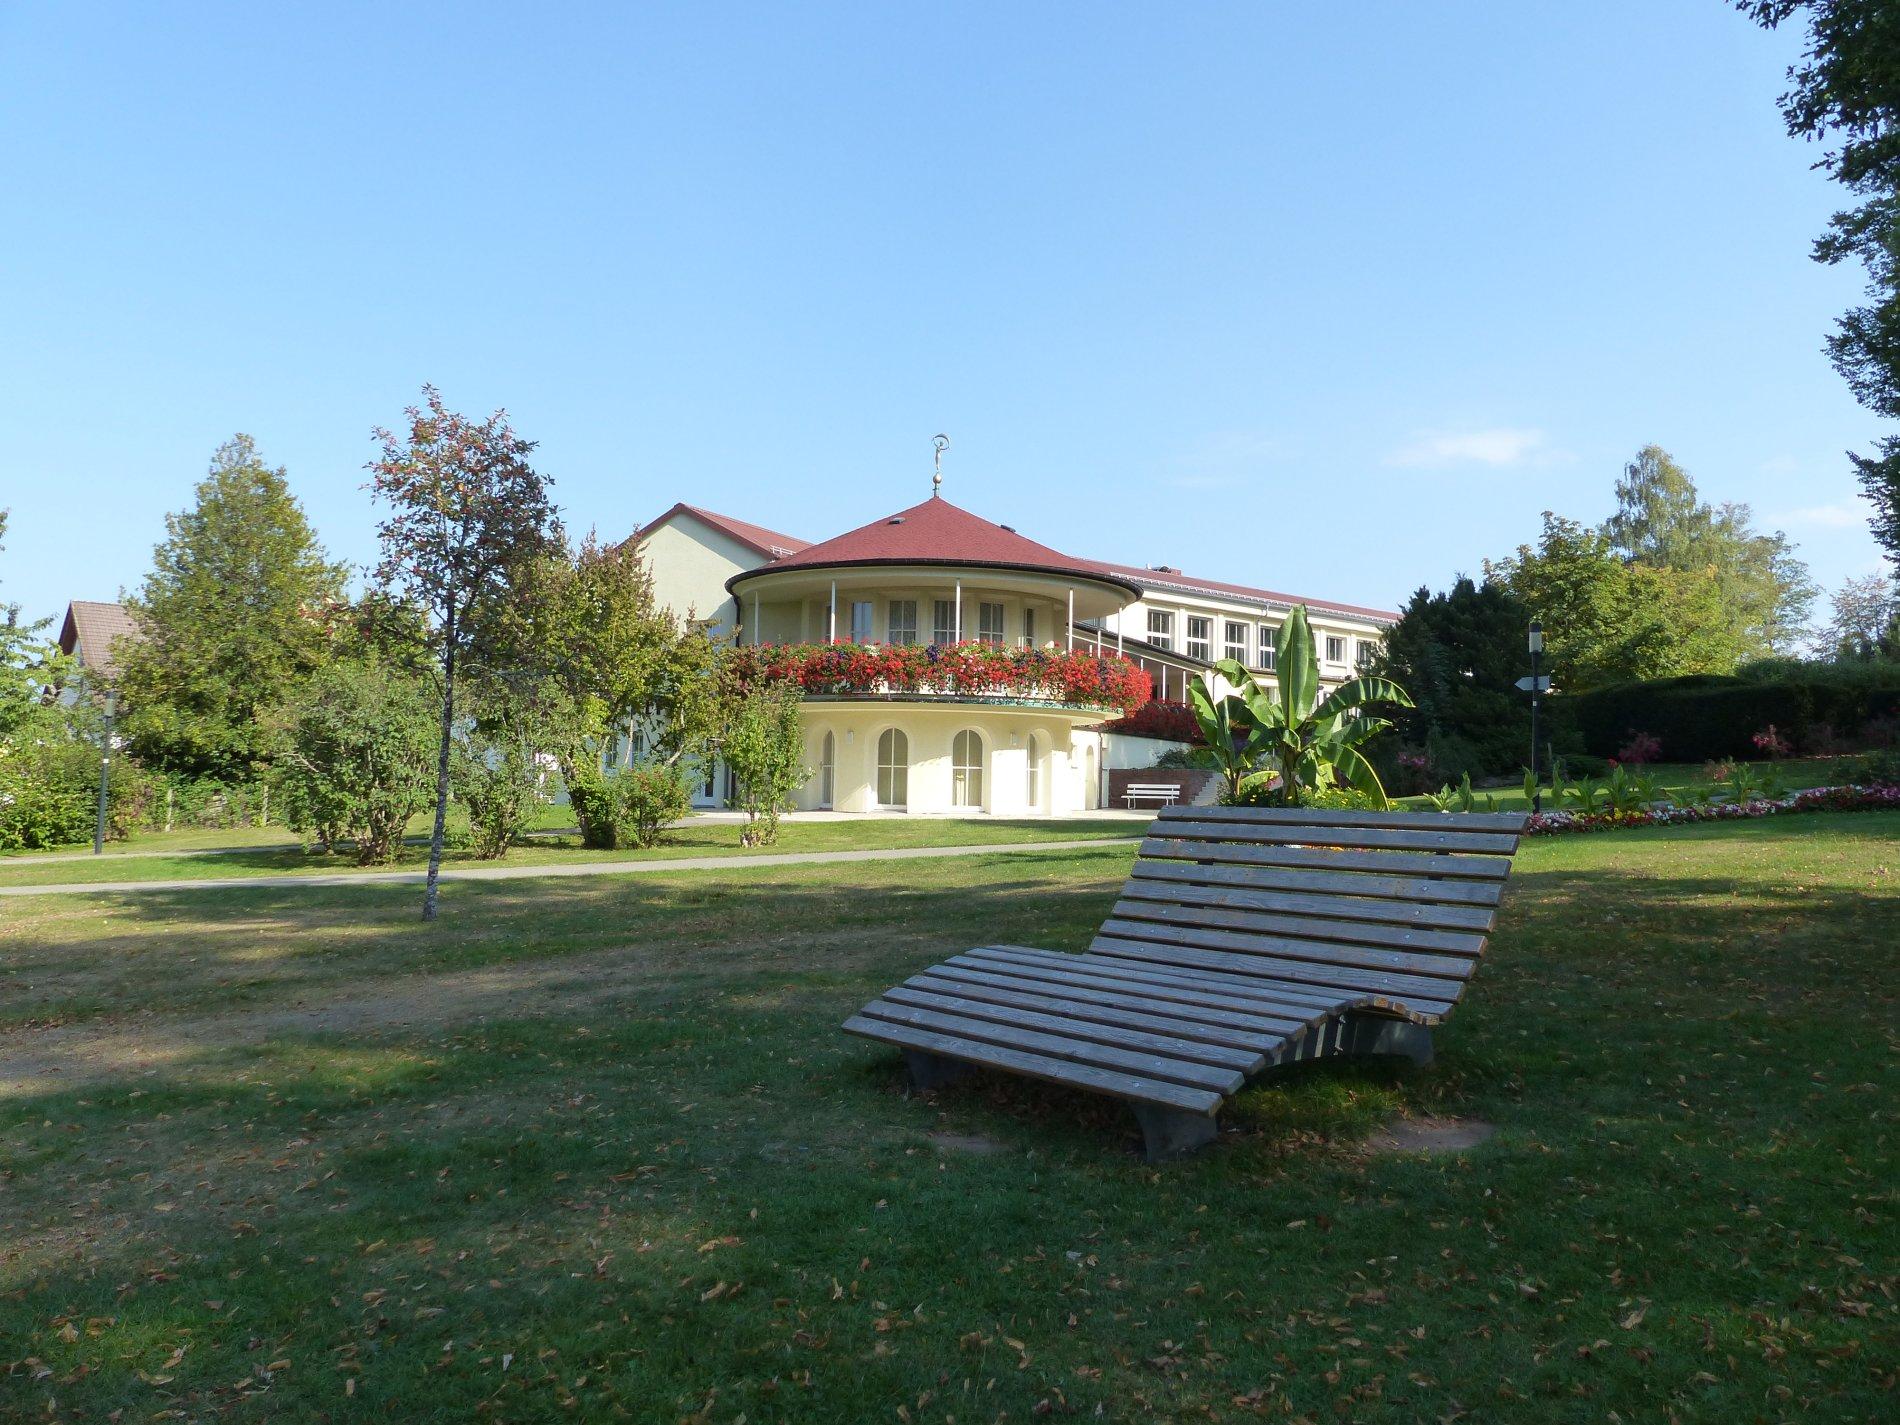 Himmelsliege Wiese Kurpark Schömberg, auf der grünen Wiese mit dem Kurhaus und dem Blumenswing im Hintergrund, Heilklima, Enz-Nagold Platte